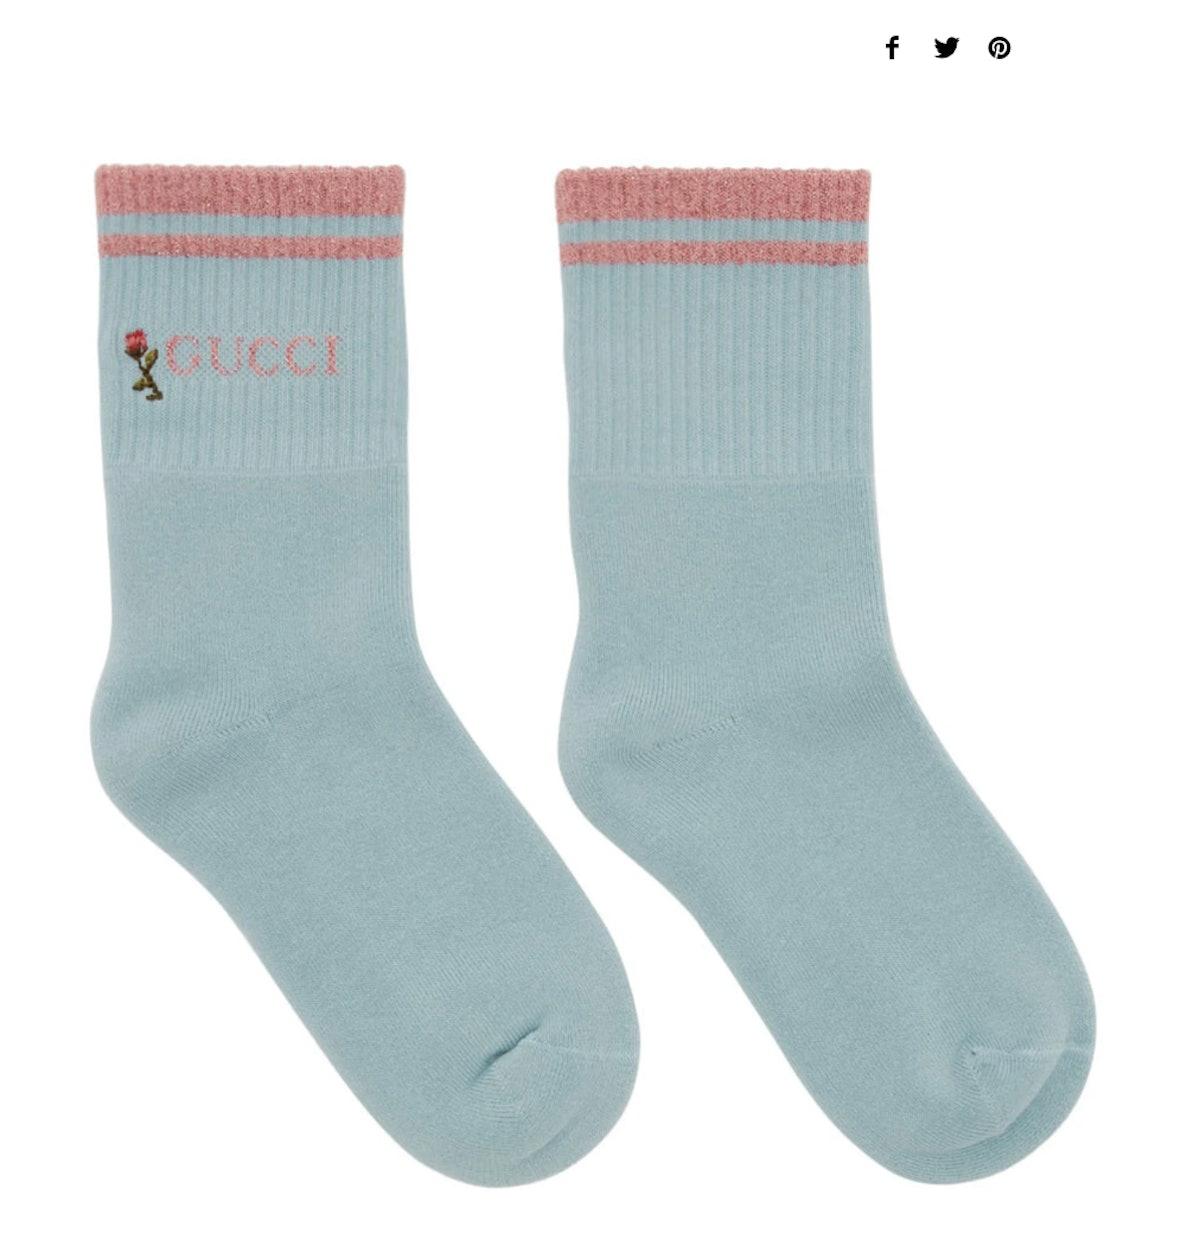 Pong Socks